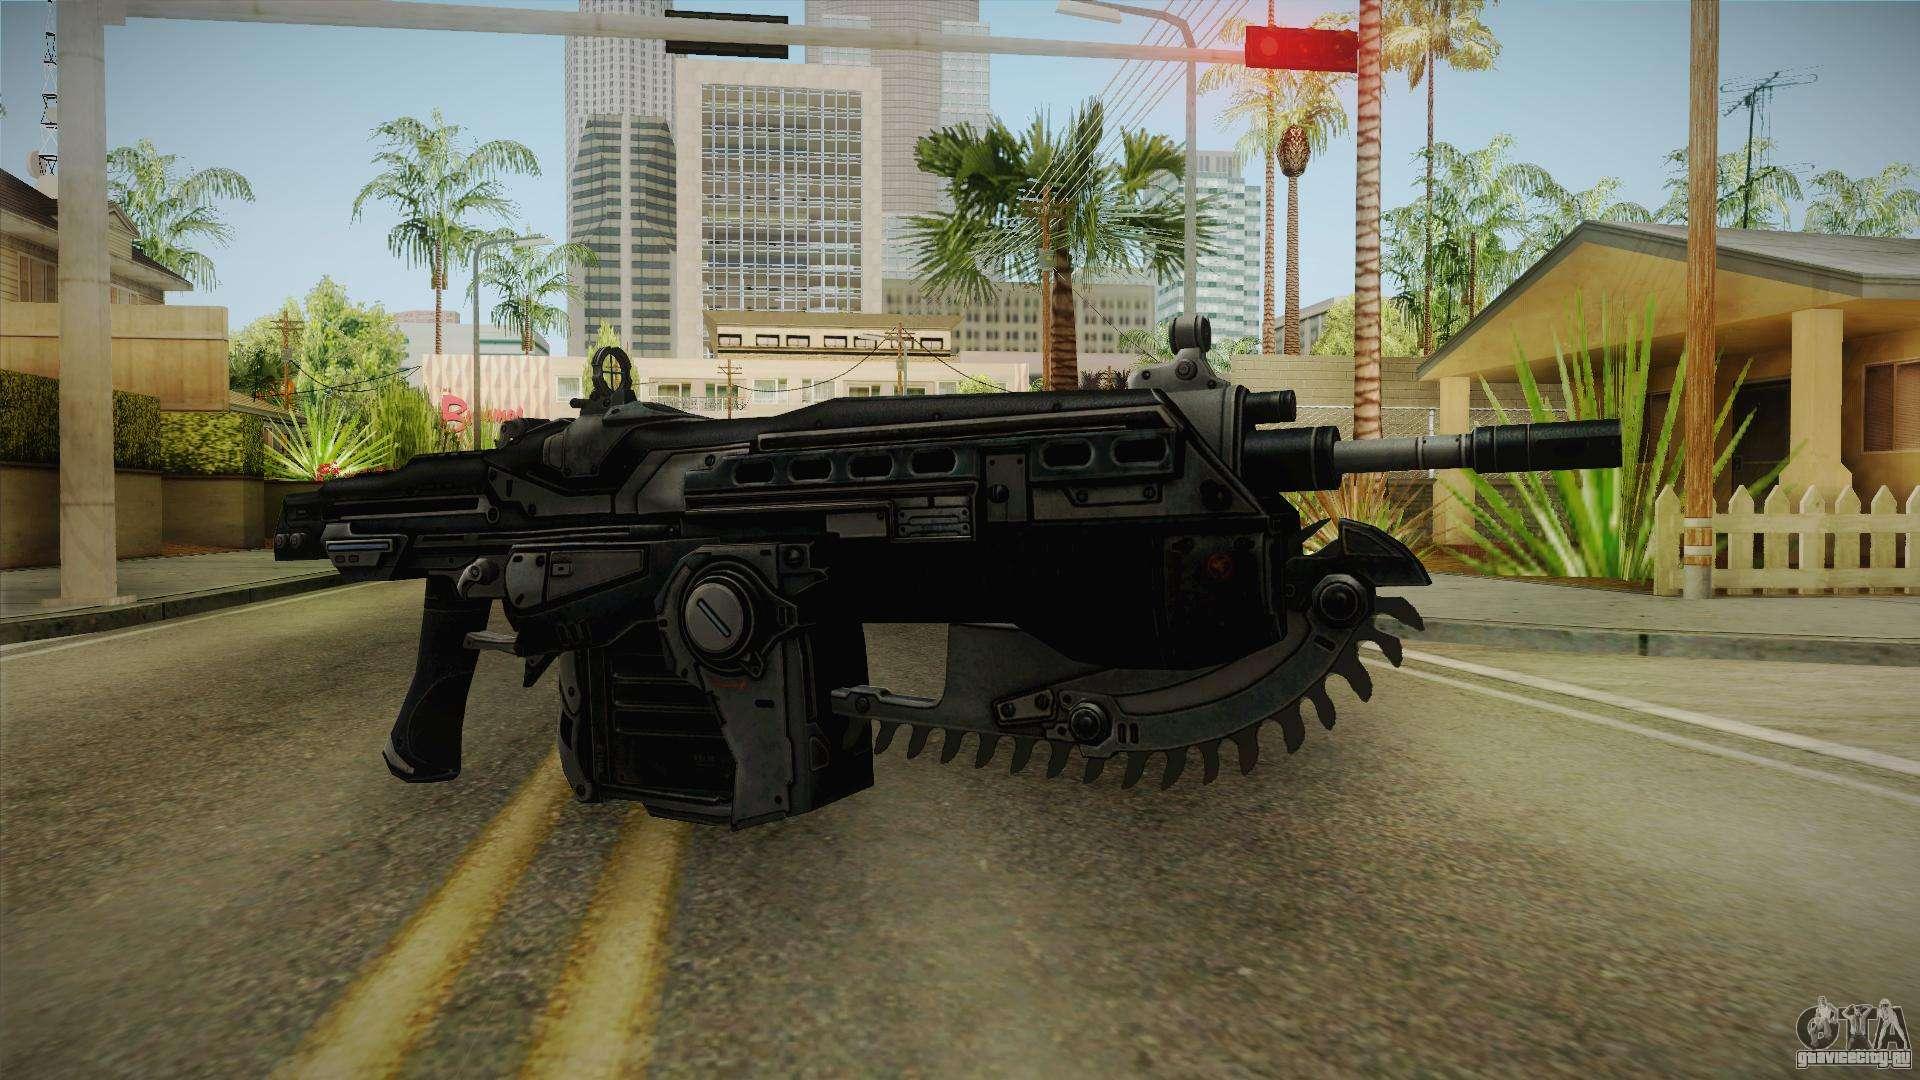 скачать игру gears of war 2 от механики